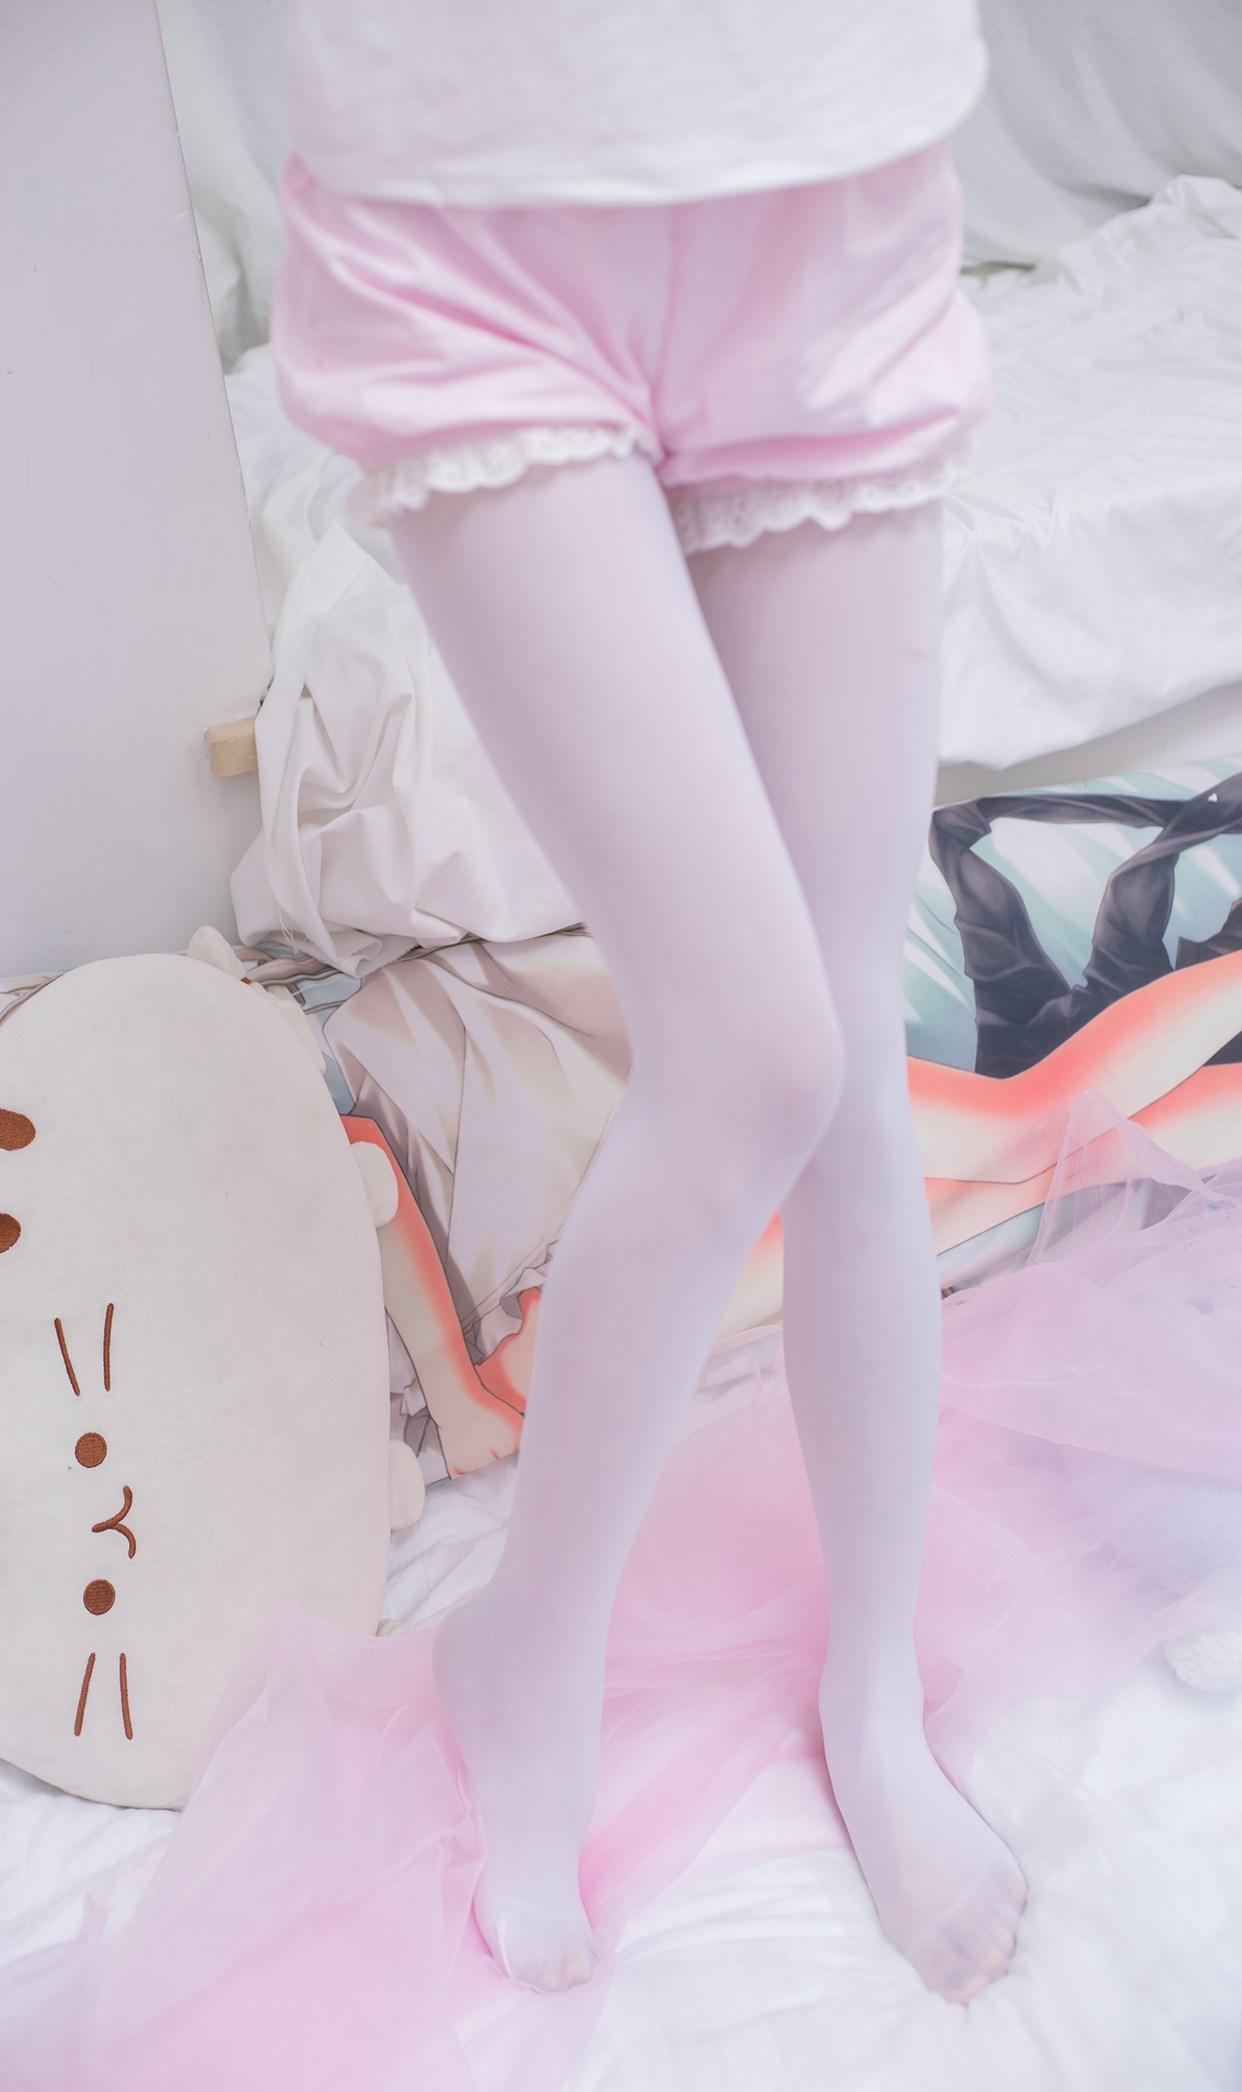 【兔玩映画】少女的卧室 兔玩映画 第51张